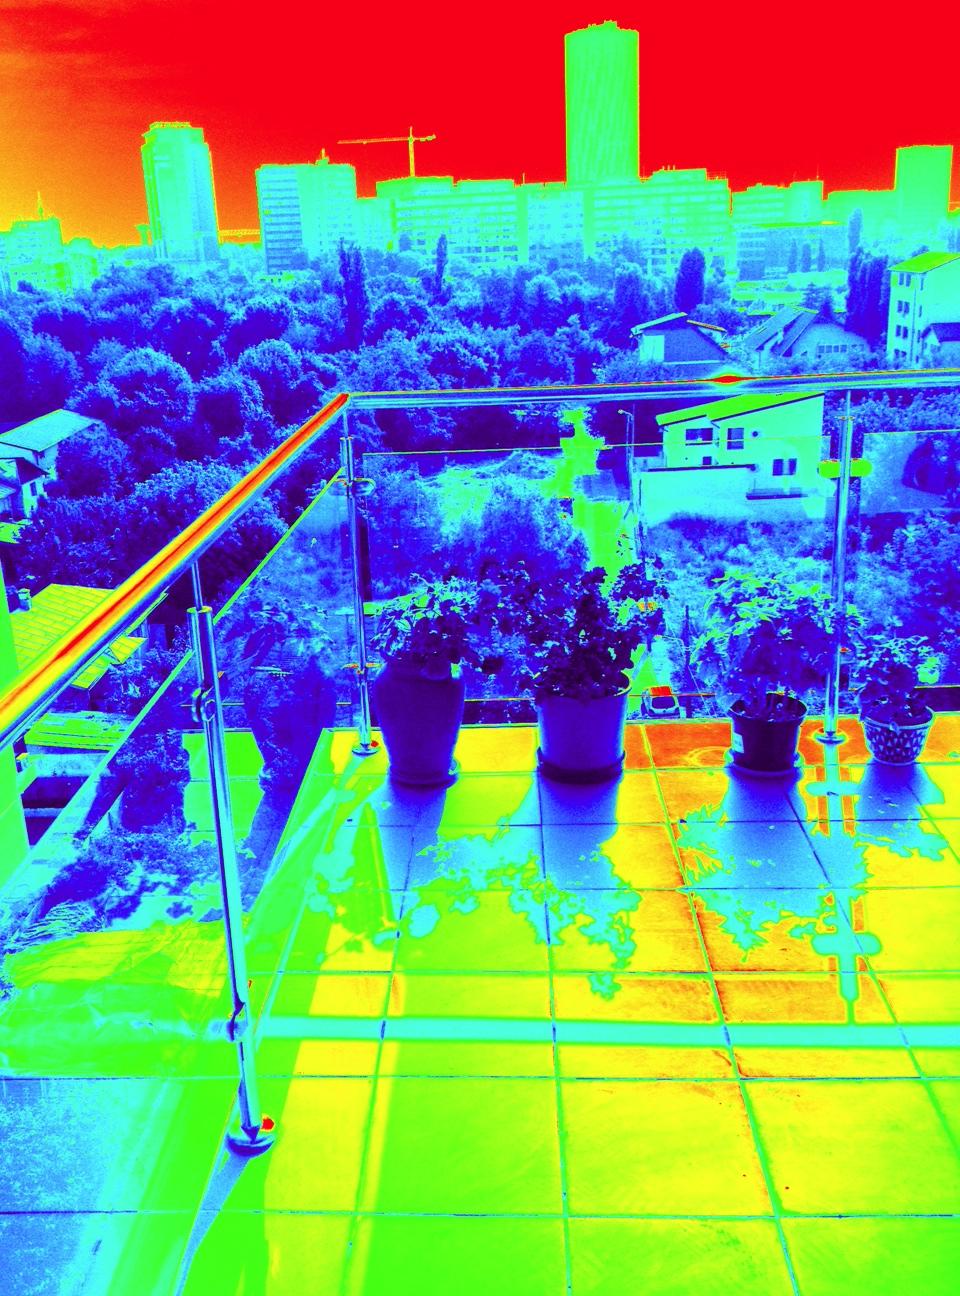 bucuresti imagine termica lucian muntean 10